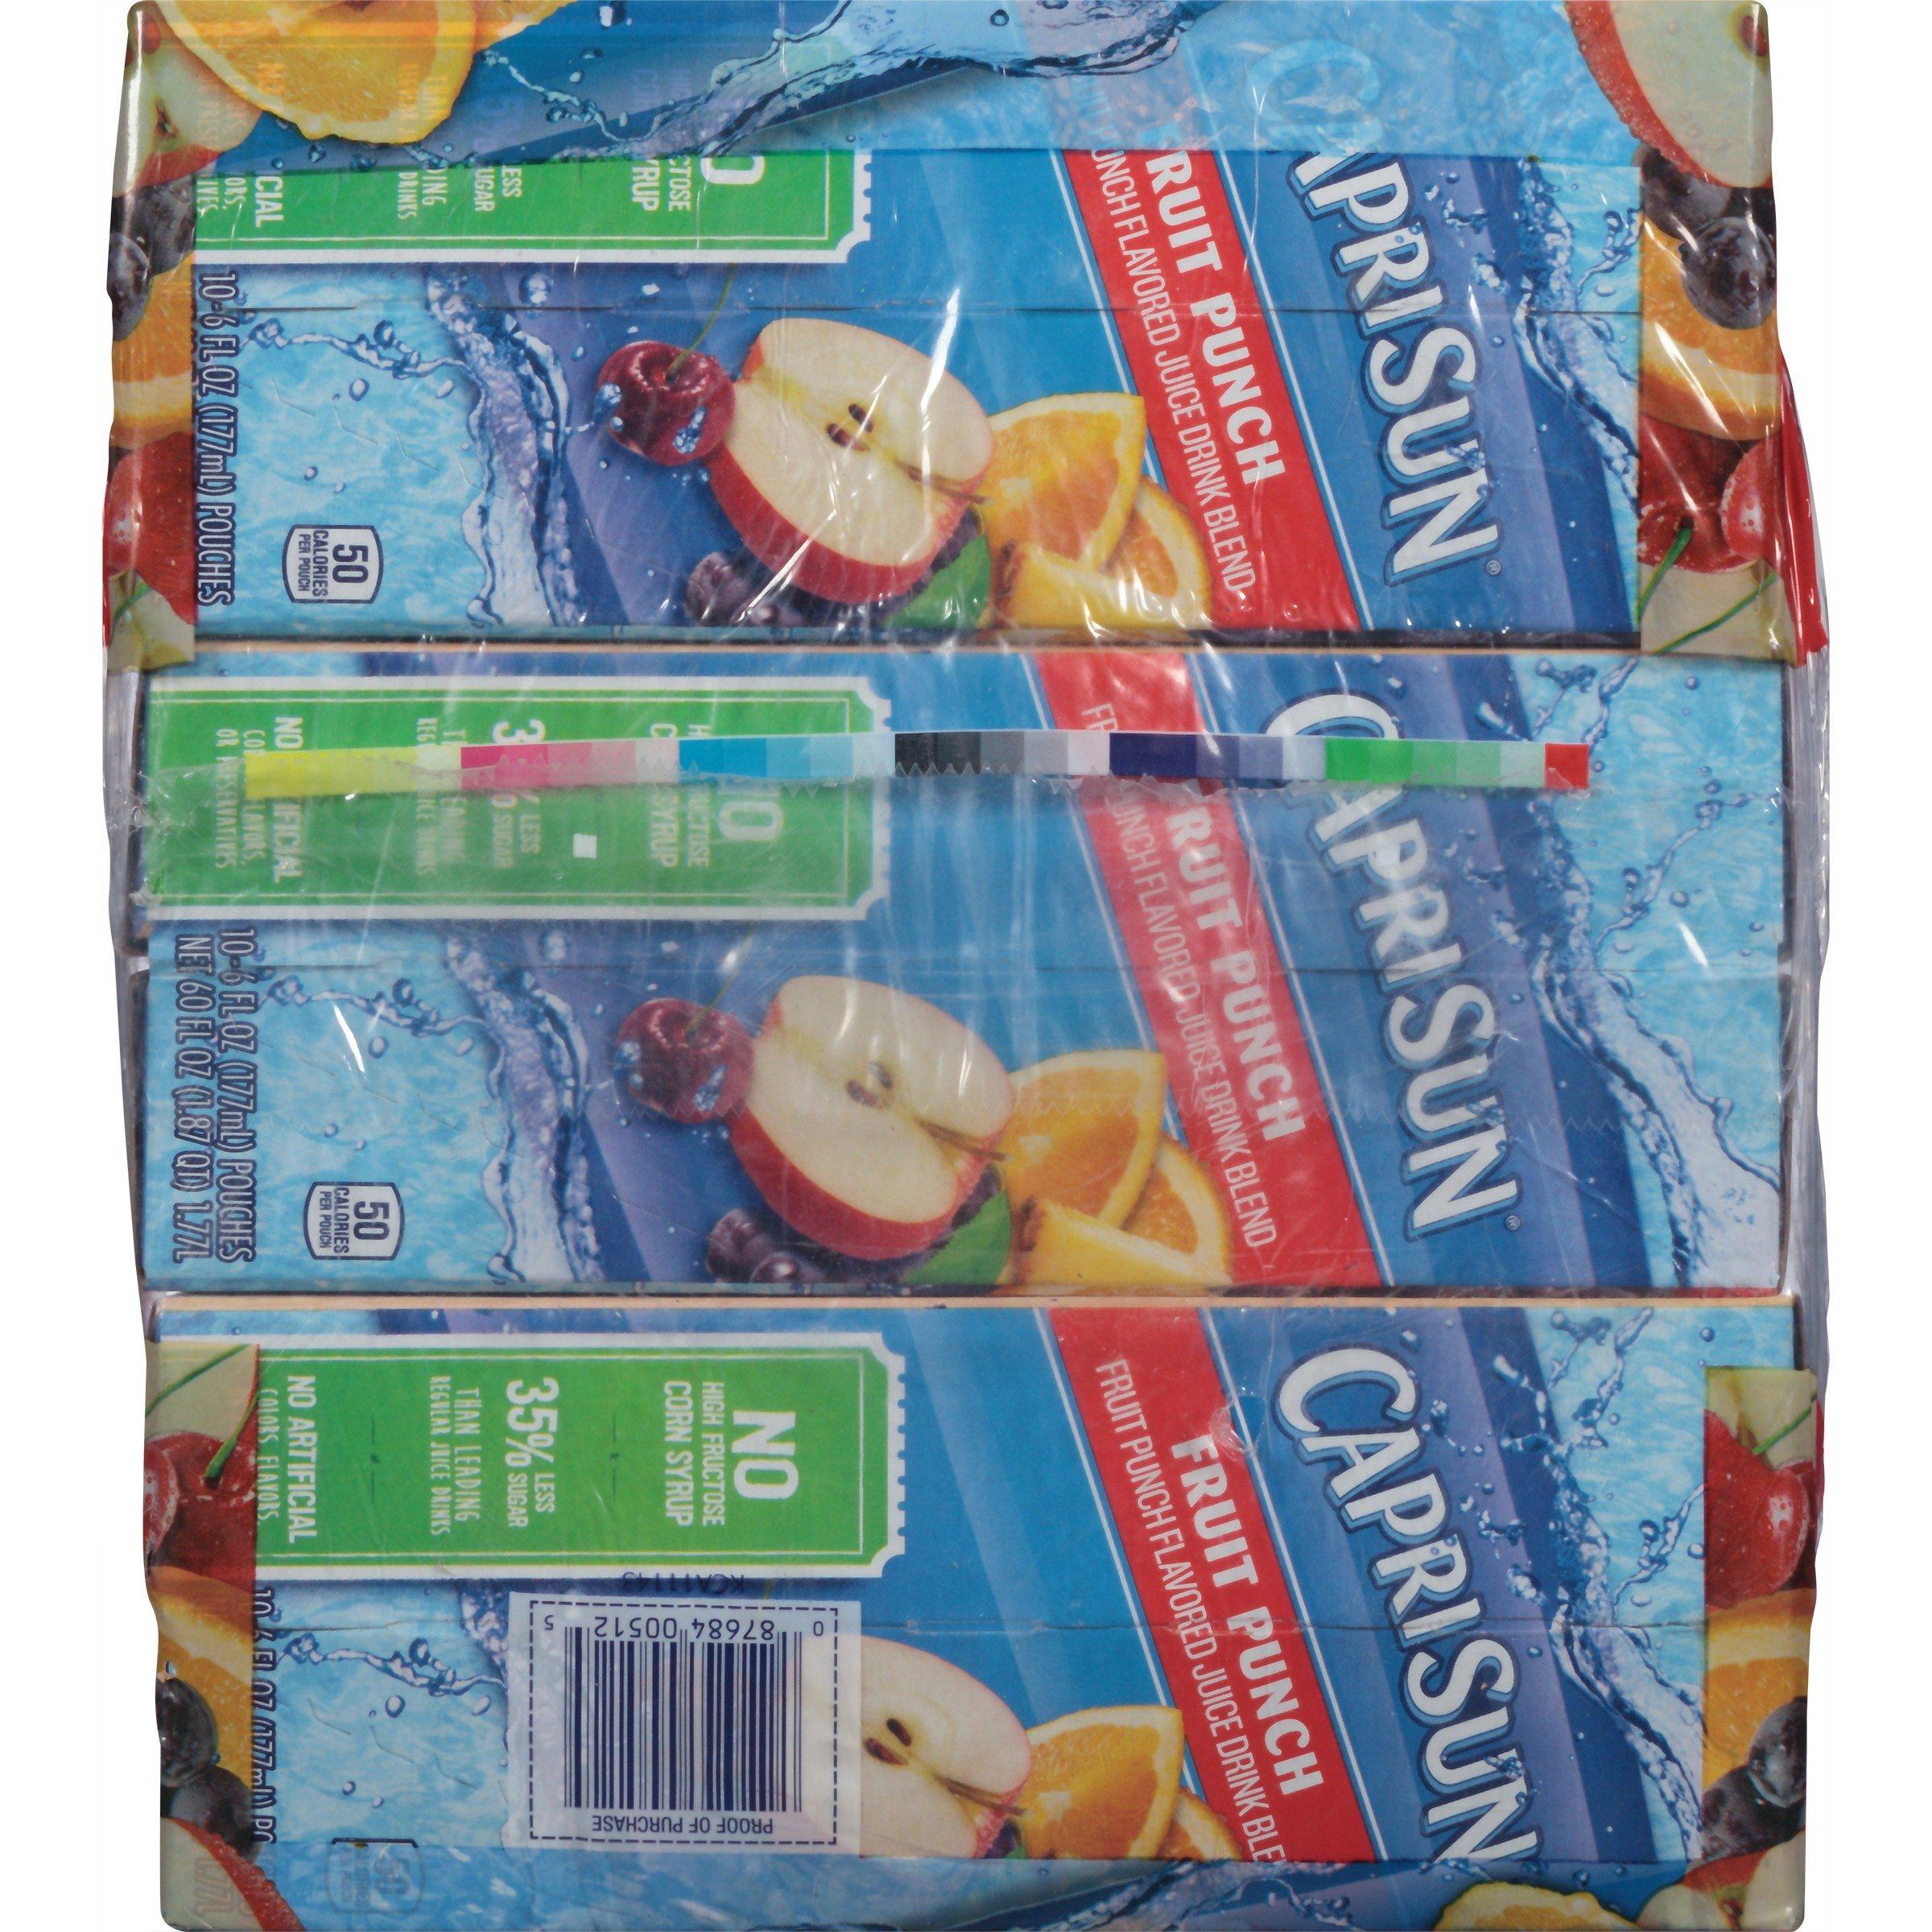 PACK OF 6 - Capri Sun Fruit Punch Juice Pouches, 30 count, 6 oz (177mL) by Capri Sun (Image #3)